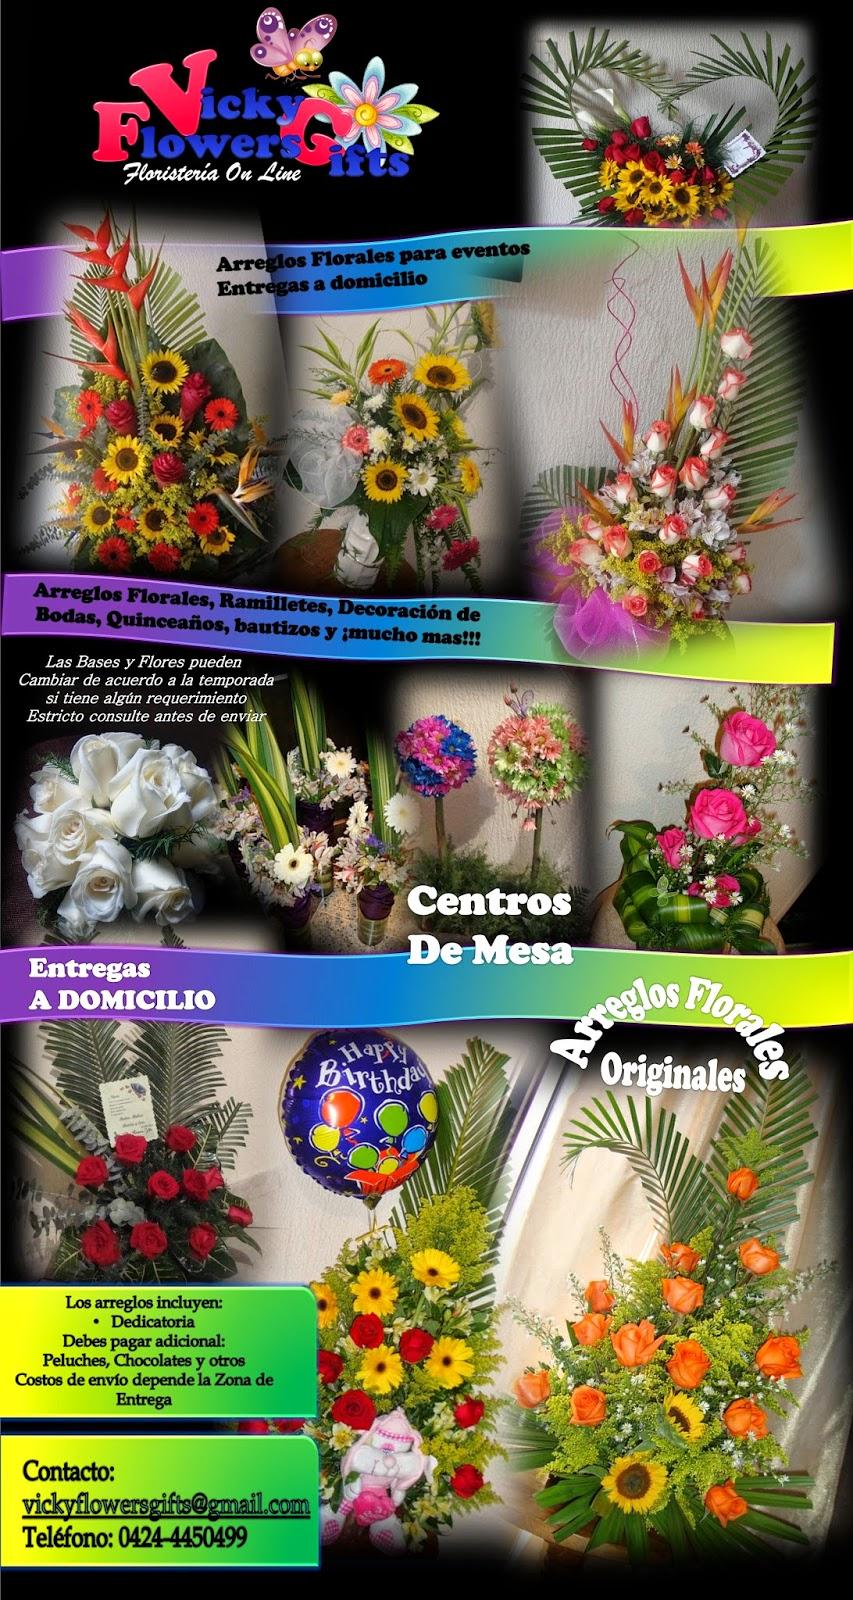 Arreglos Florales los mejores diseños para toda ocasión - Imagenes De Arreglos De Rosas Naturales